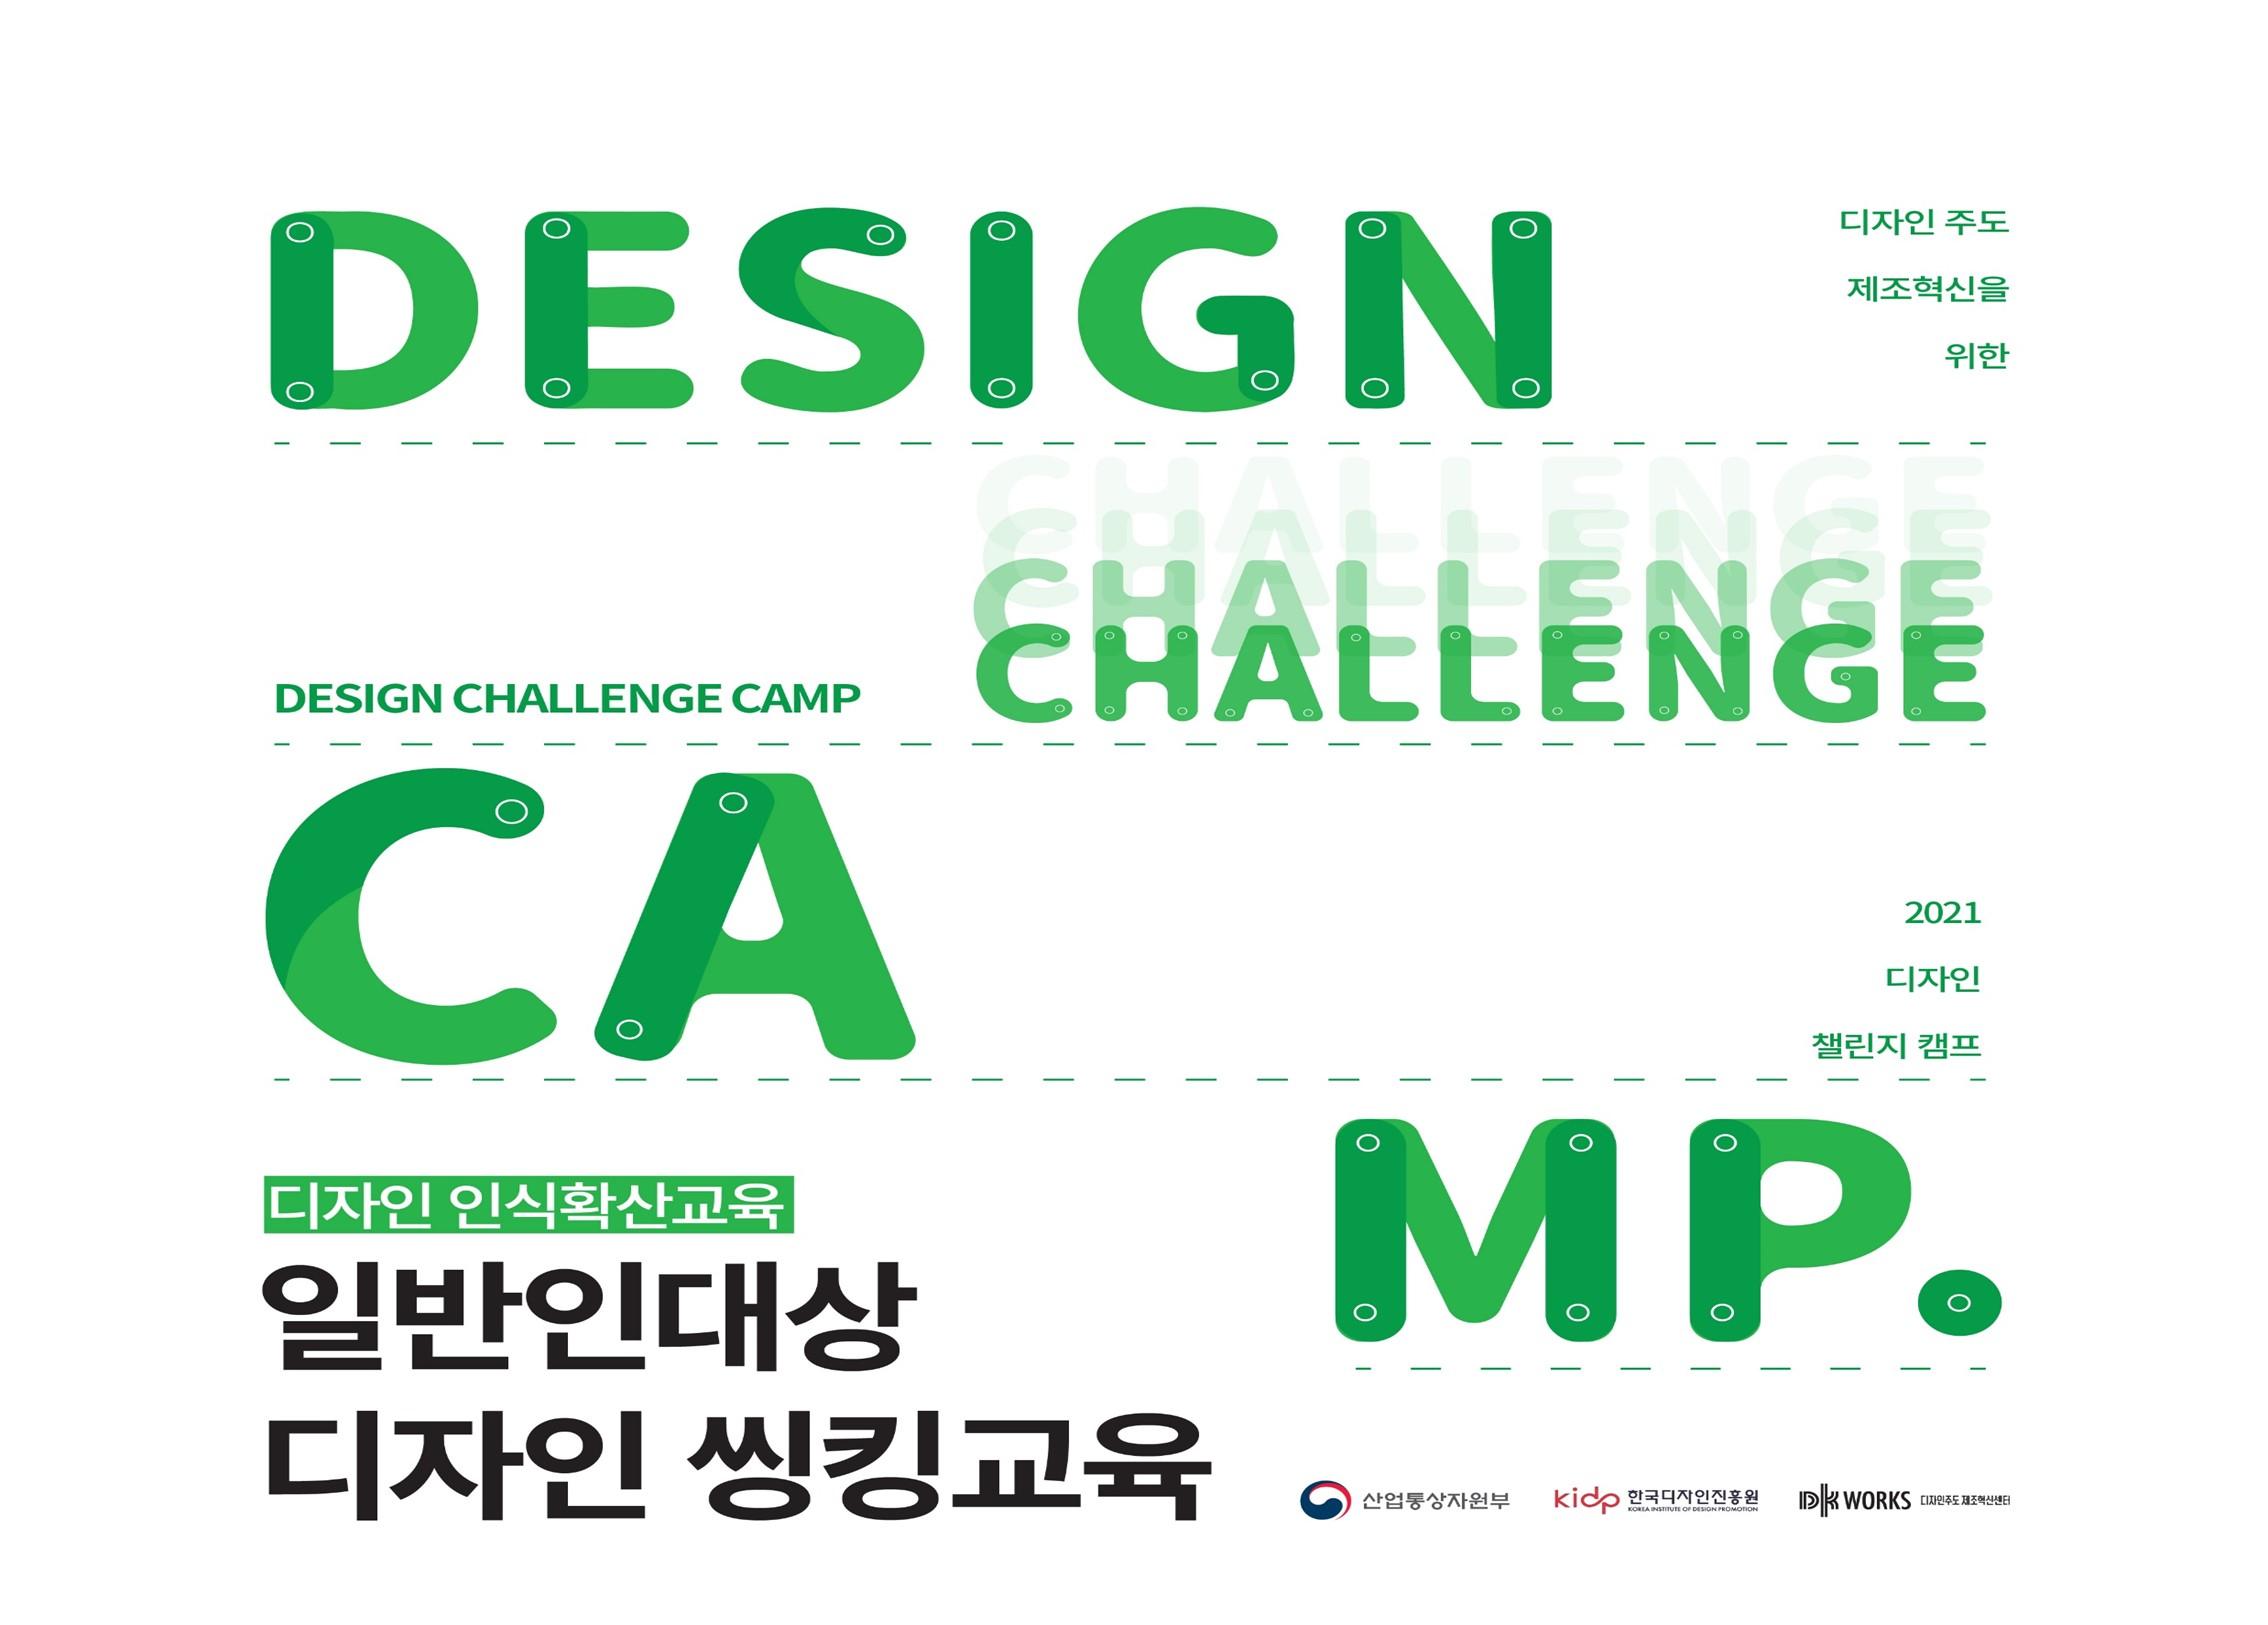 디자인주도 제조혁신 교육과정